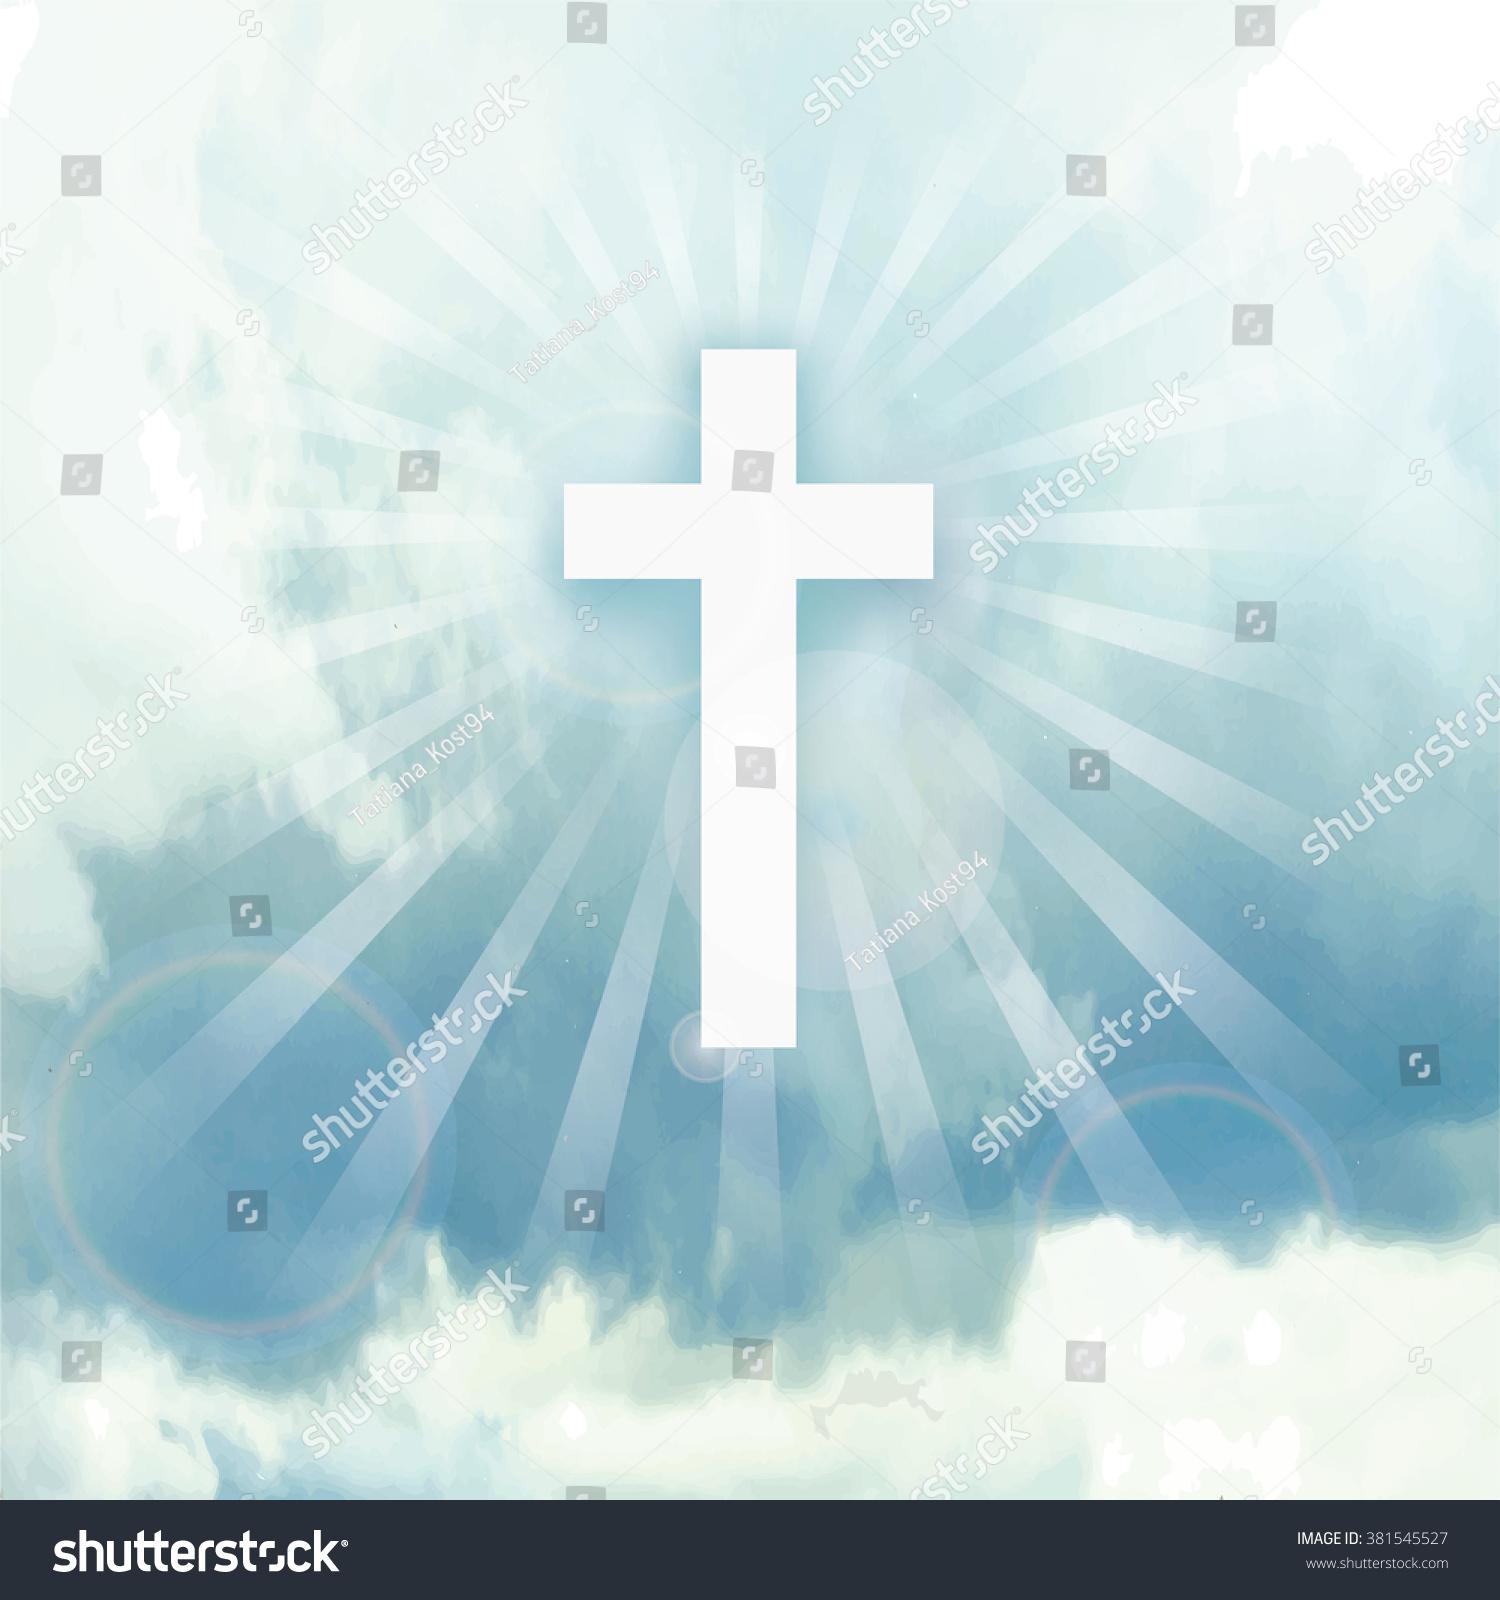 イースター 彼は立ち上がった パラダイス 天国 イースターの背景 青い空 ベクターイラスト 壁紙 青い空 雲 神の日差 十字架 十字架 信仰のシンボル 宗教デザインテンプレート 正方形 のベクター画像素材 ロイヤリティフリー